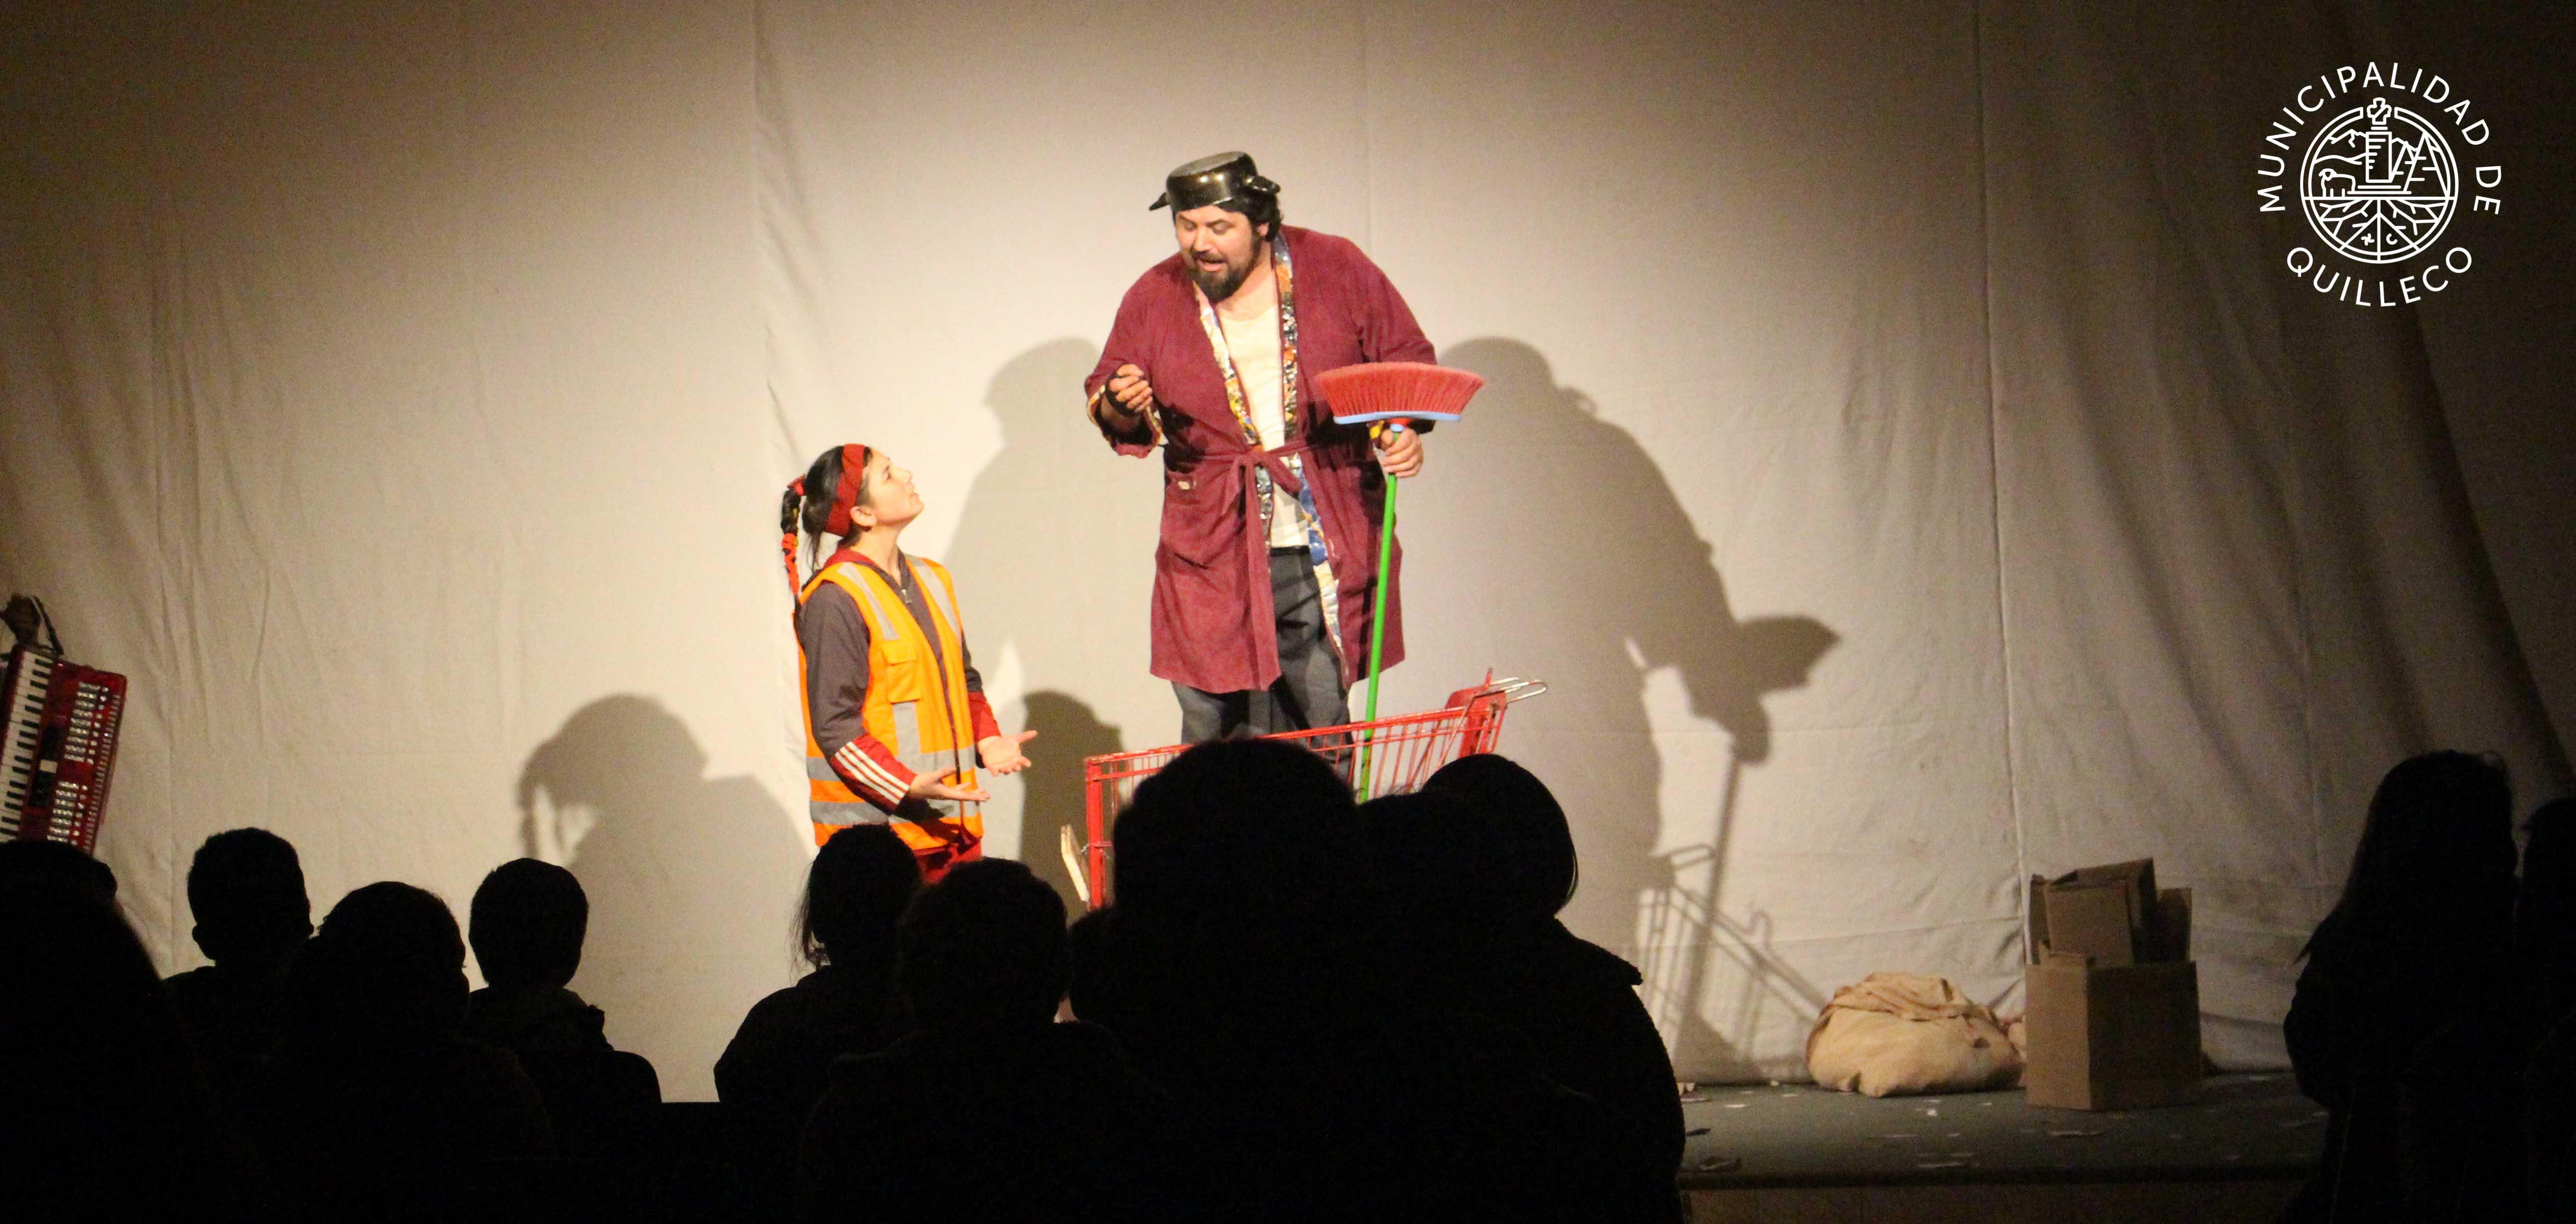 Con gran presentación concluyeron los talleres de artes circenses y teatro